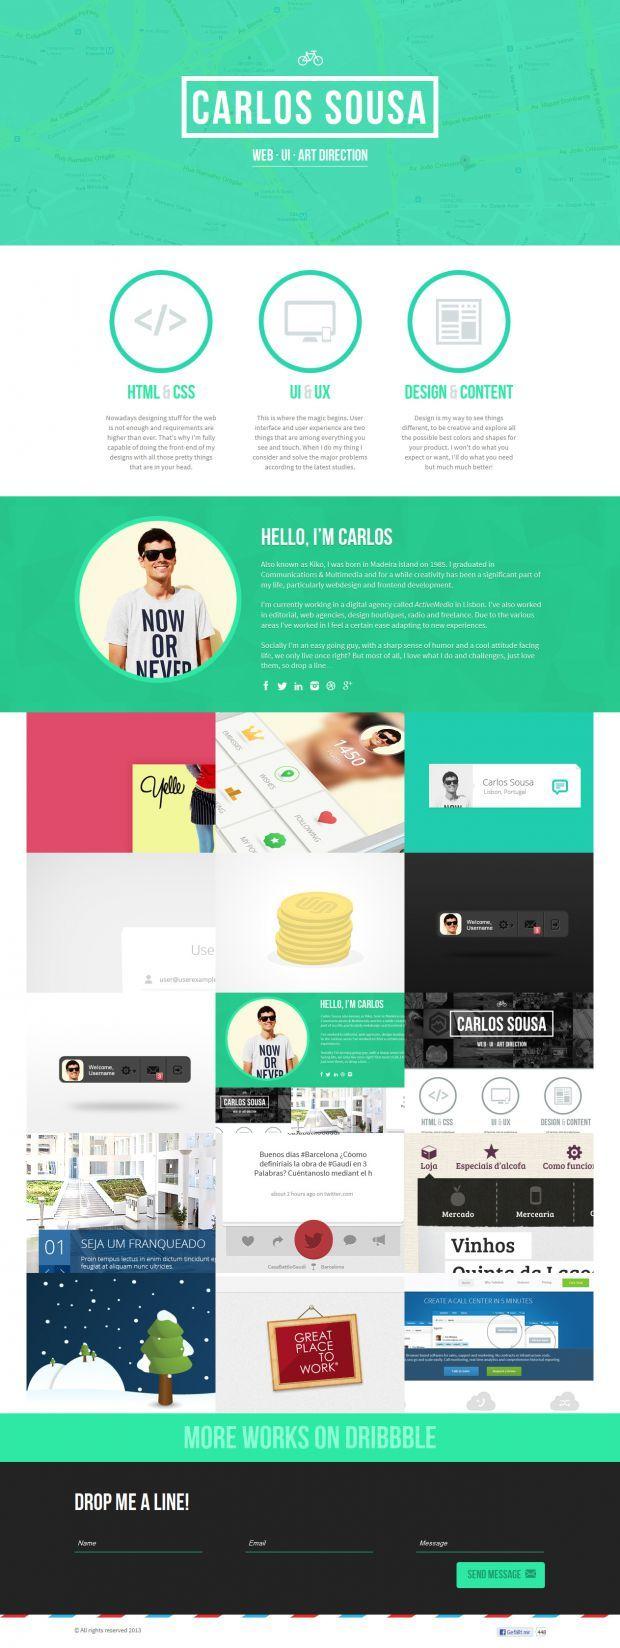 Carlos Sousa Portfolio - Web design UI Design and Art Direction - Webdesign inspiration www.niceoneilike.com